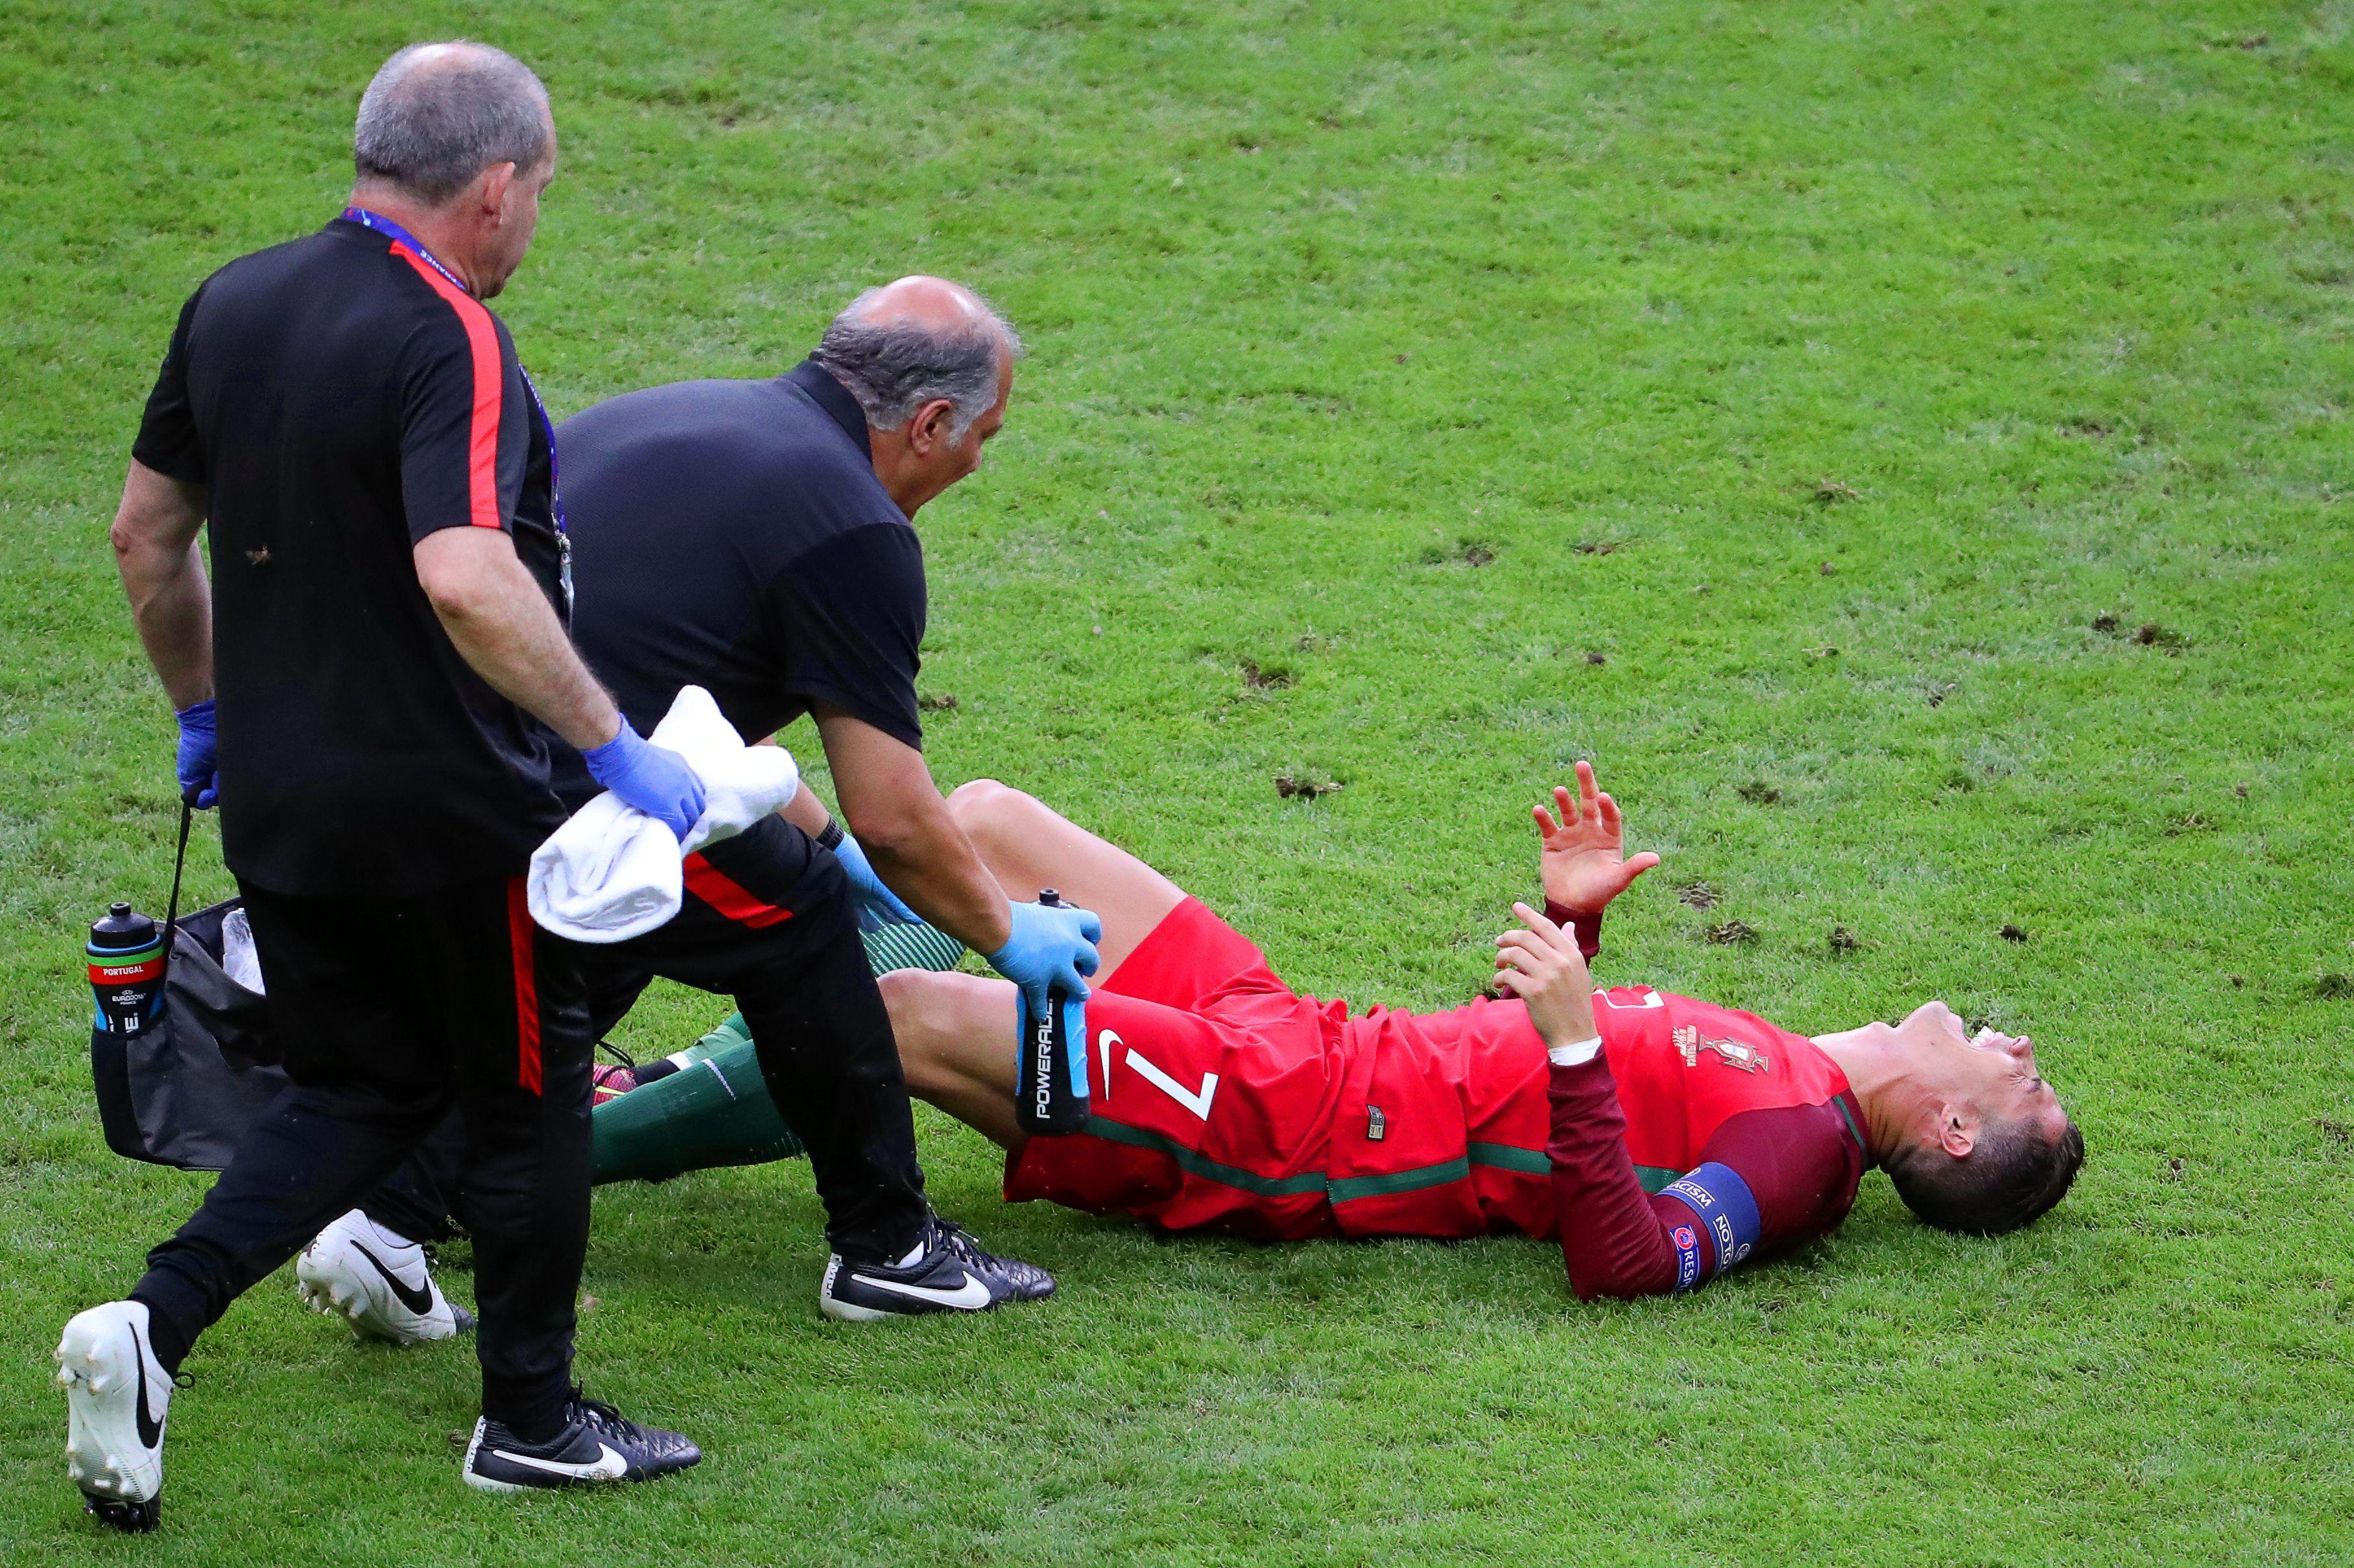 ¿Cuánto tiempo estará inactivo Cristiano Ronaldo por su lesión?